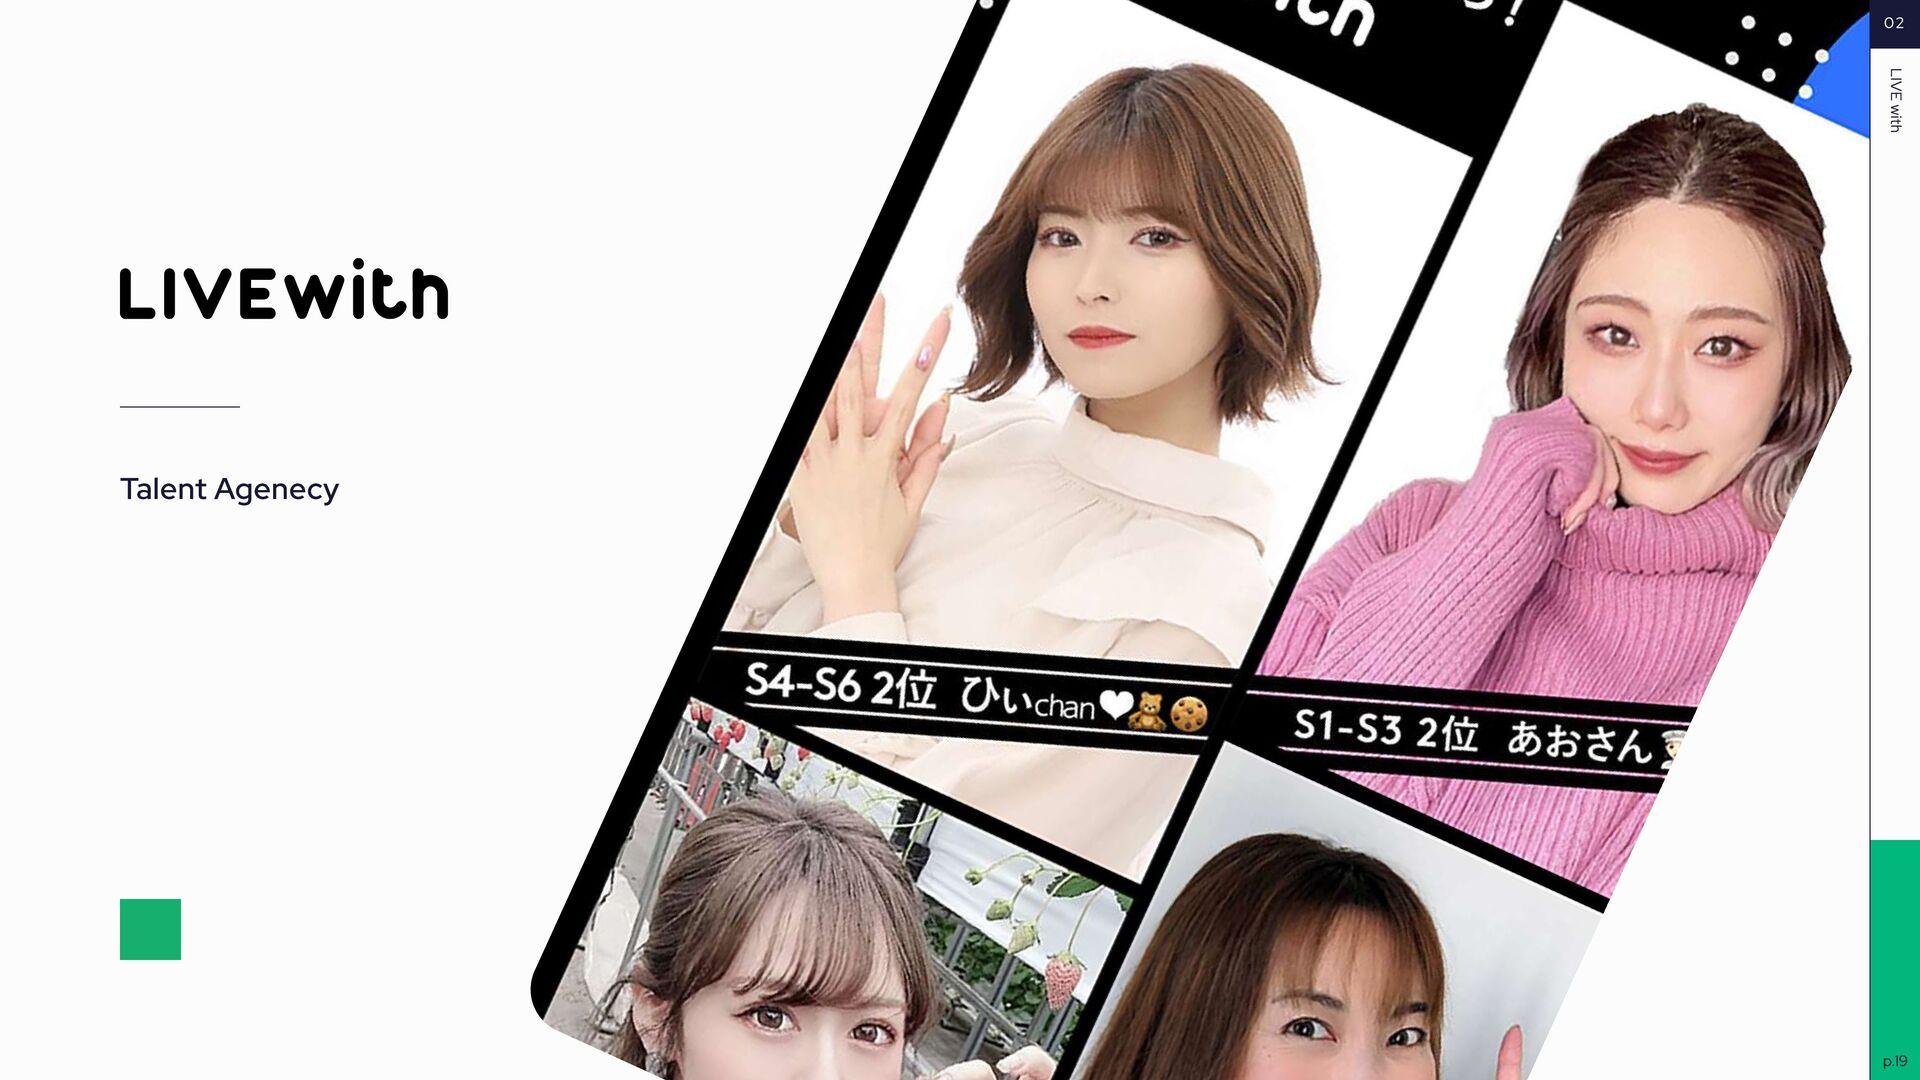 部署 マーケティング本部 コンテンツ制作やユーザーへの コミュニケーション設計・プロ モーショ...